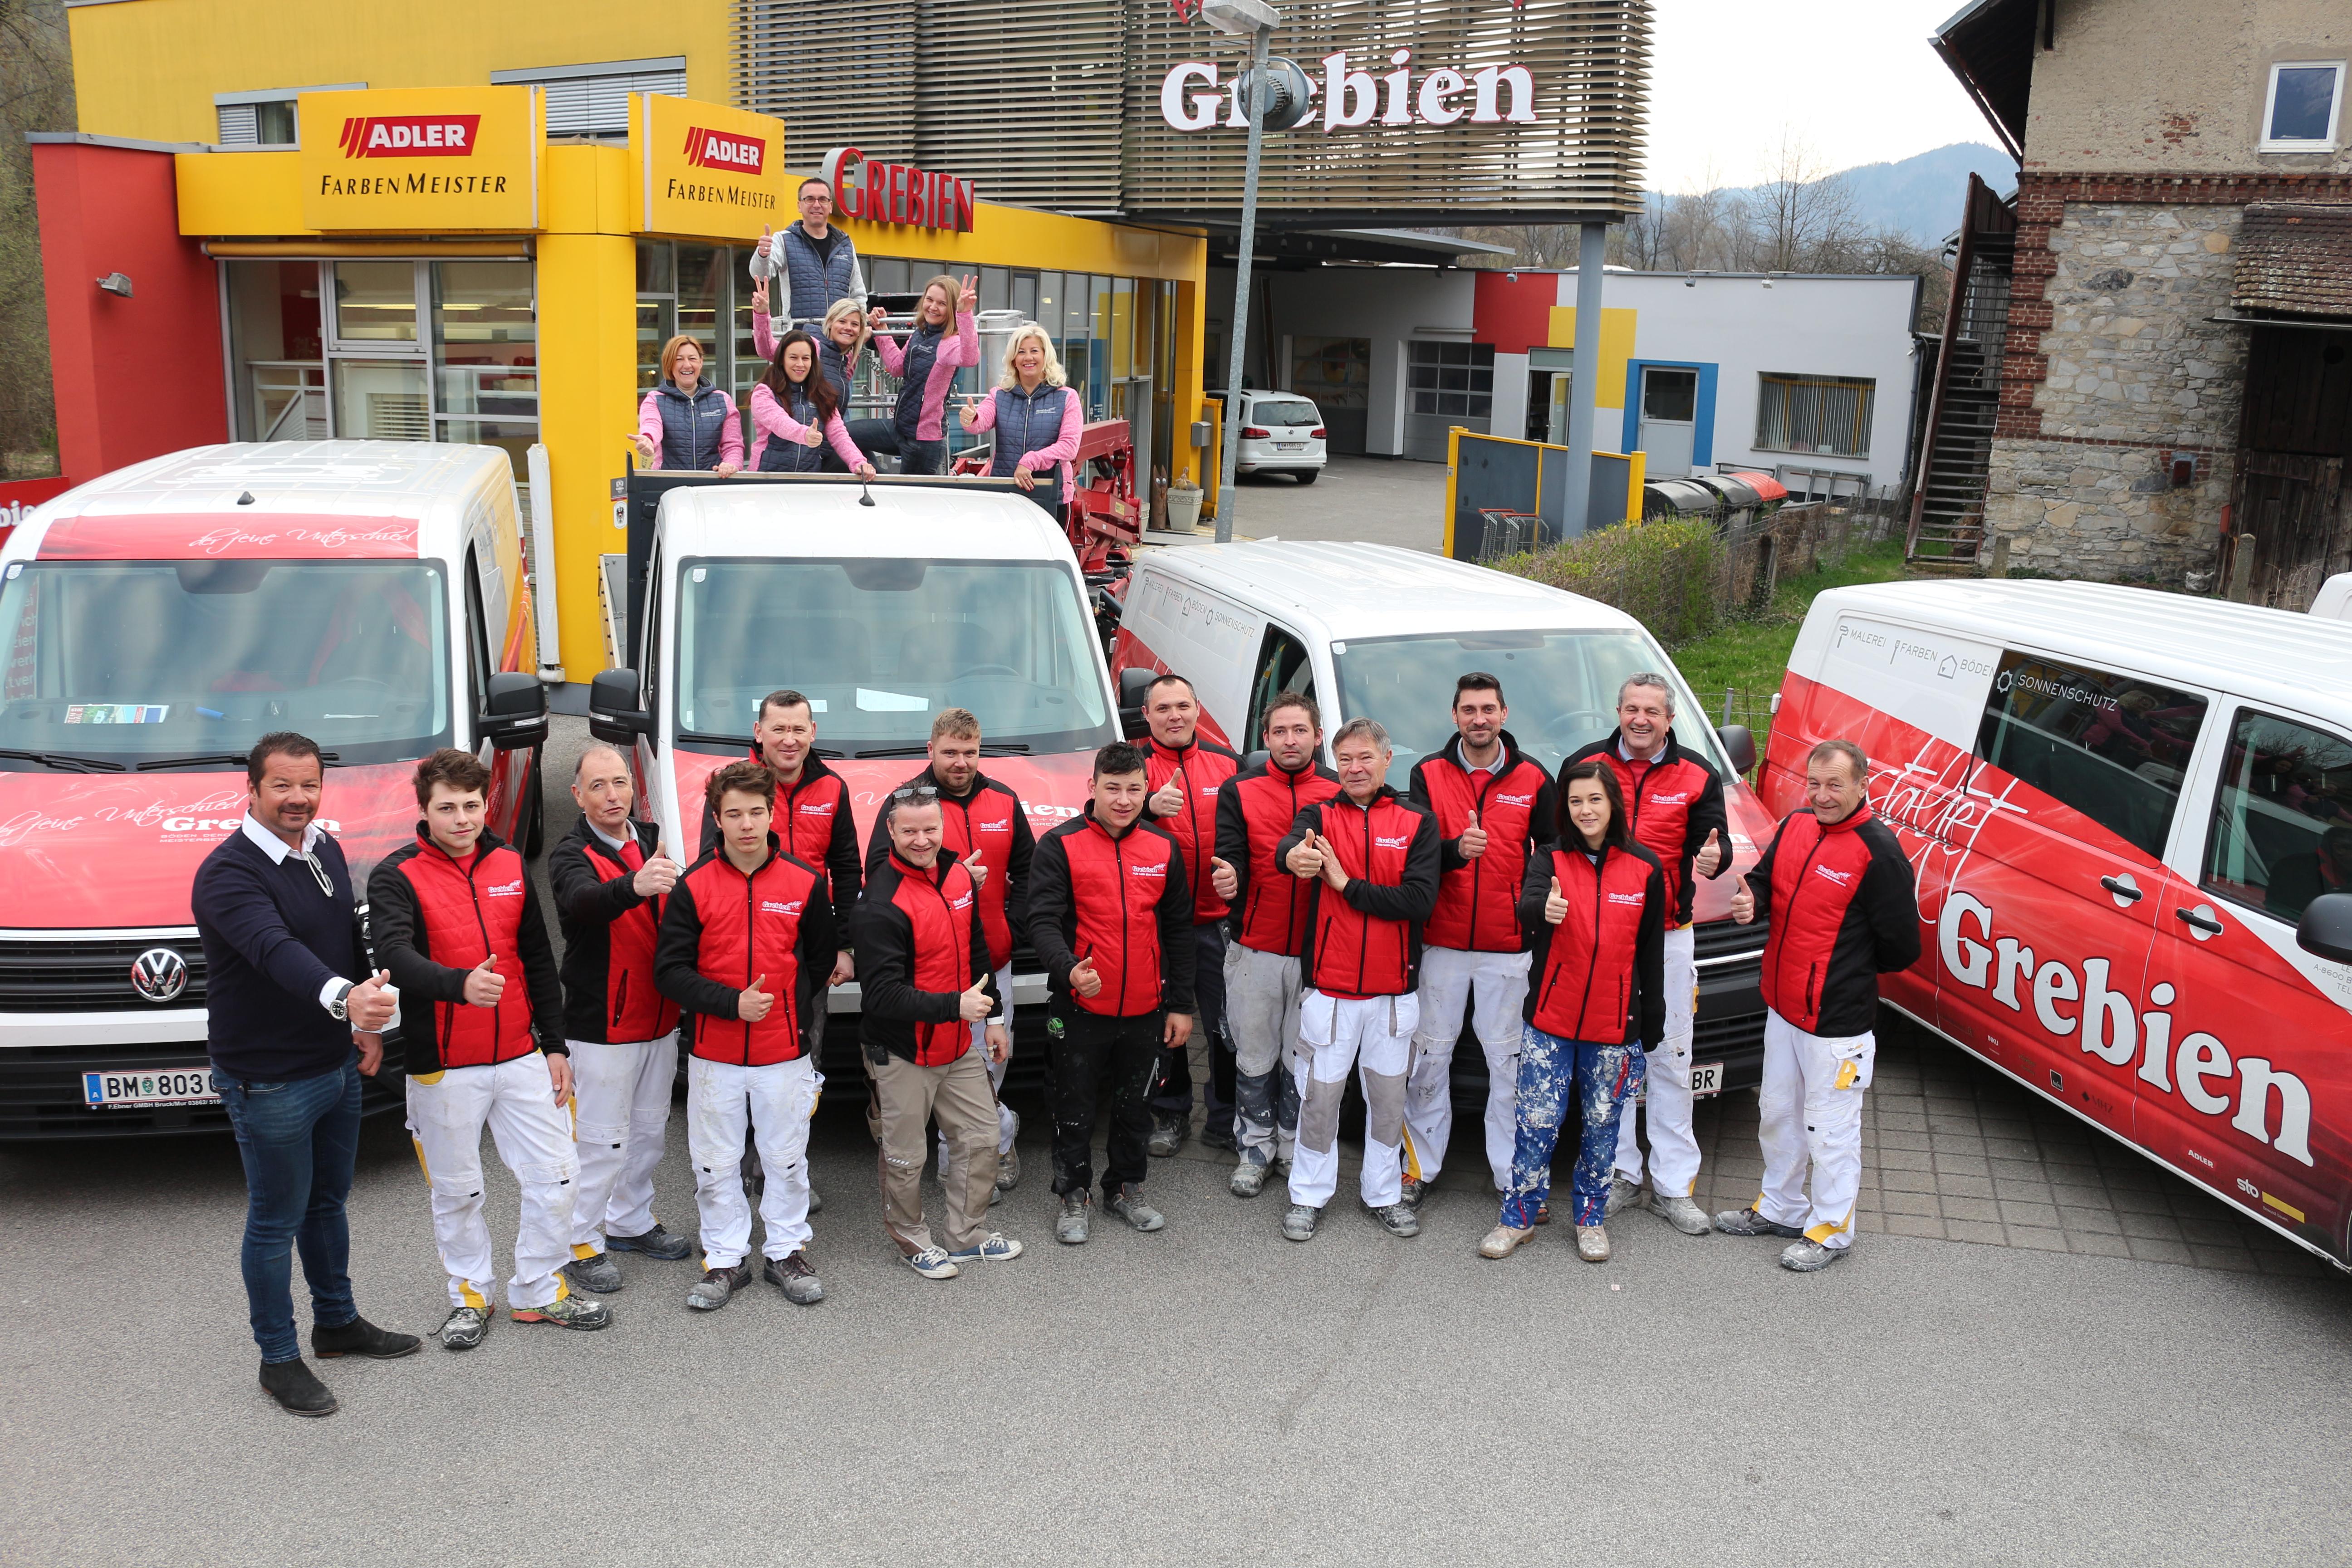 Teamfoto Grebien